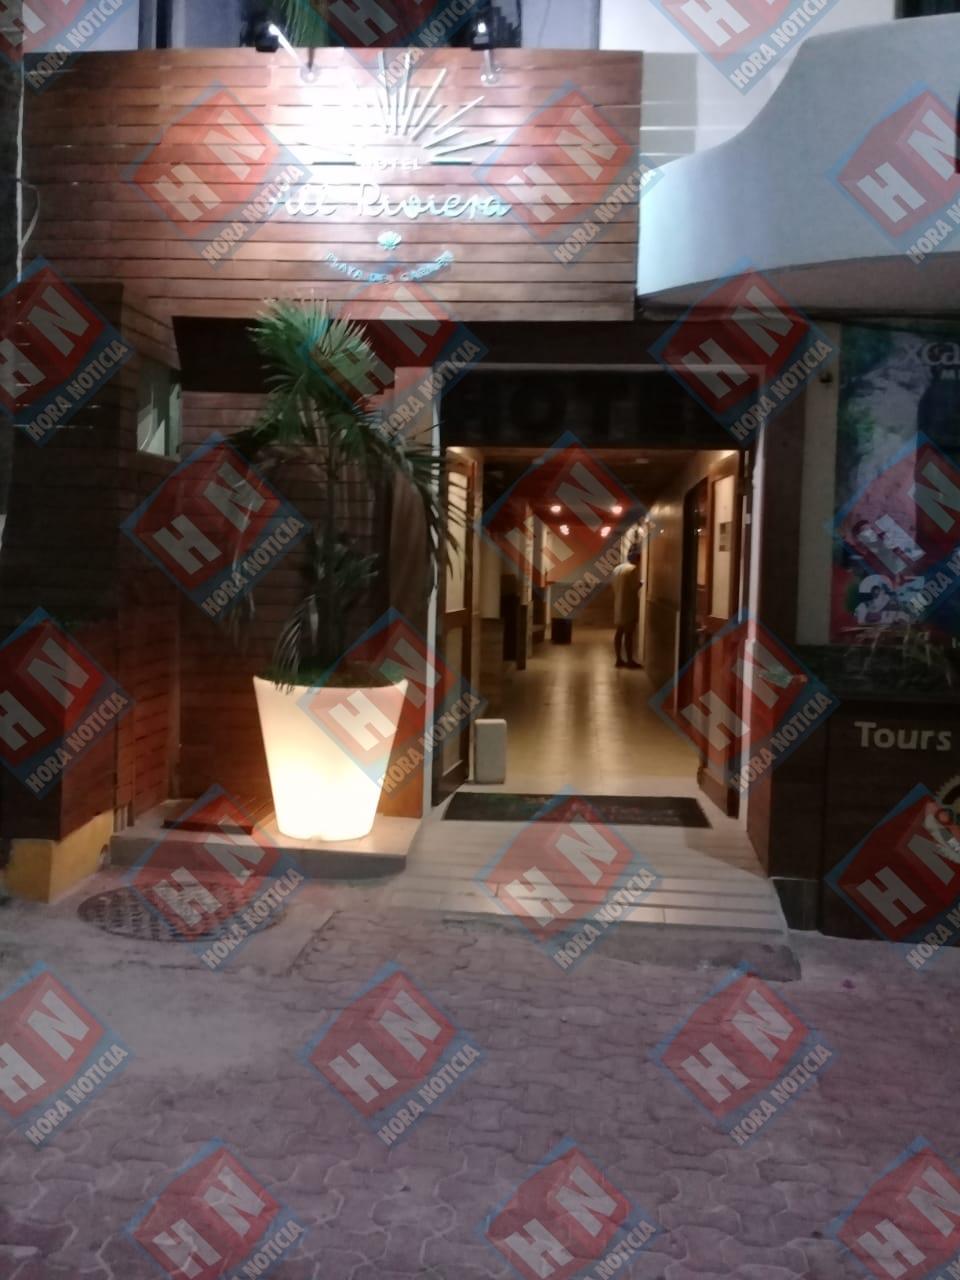 Por fortuna el asaltante no dejo personas lesionadas ni atacó a los huéspedes del hotel mismo que se encontraba lleno de turistas extranjeros.